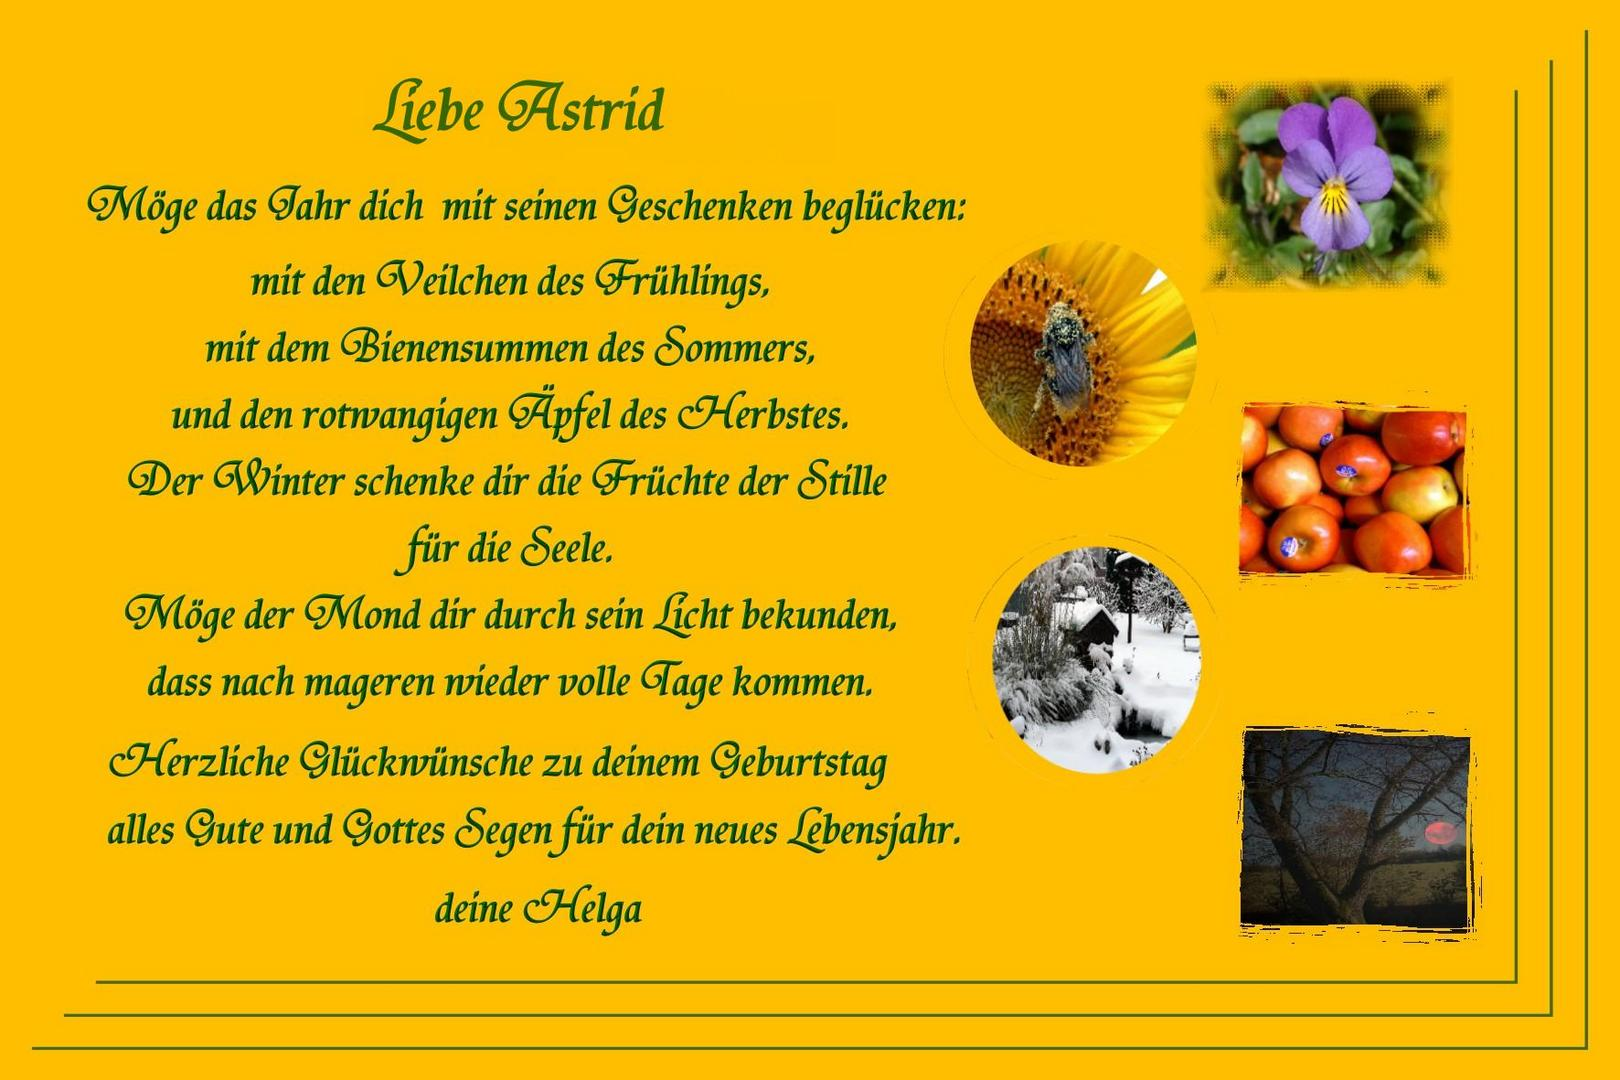 3d Geburtstagskarte Mit Gluckwunschen In Dosen Zum 28 Geburtstag